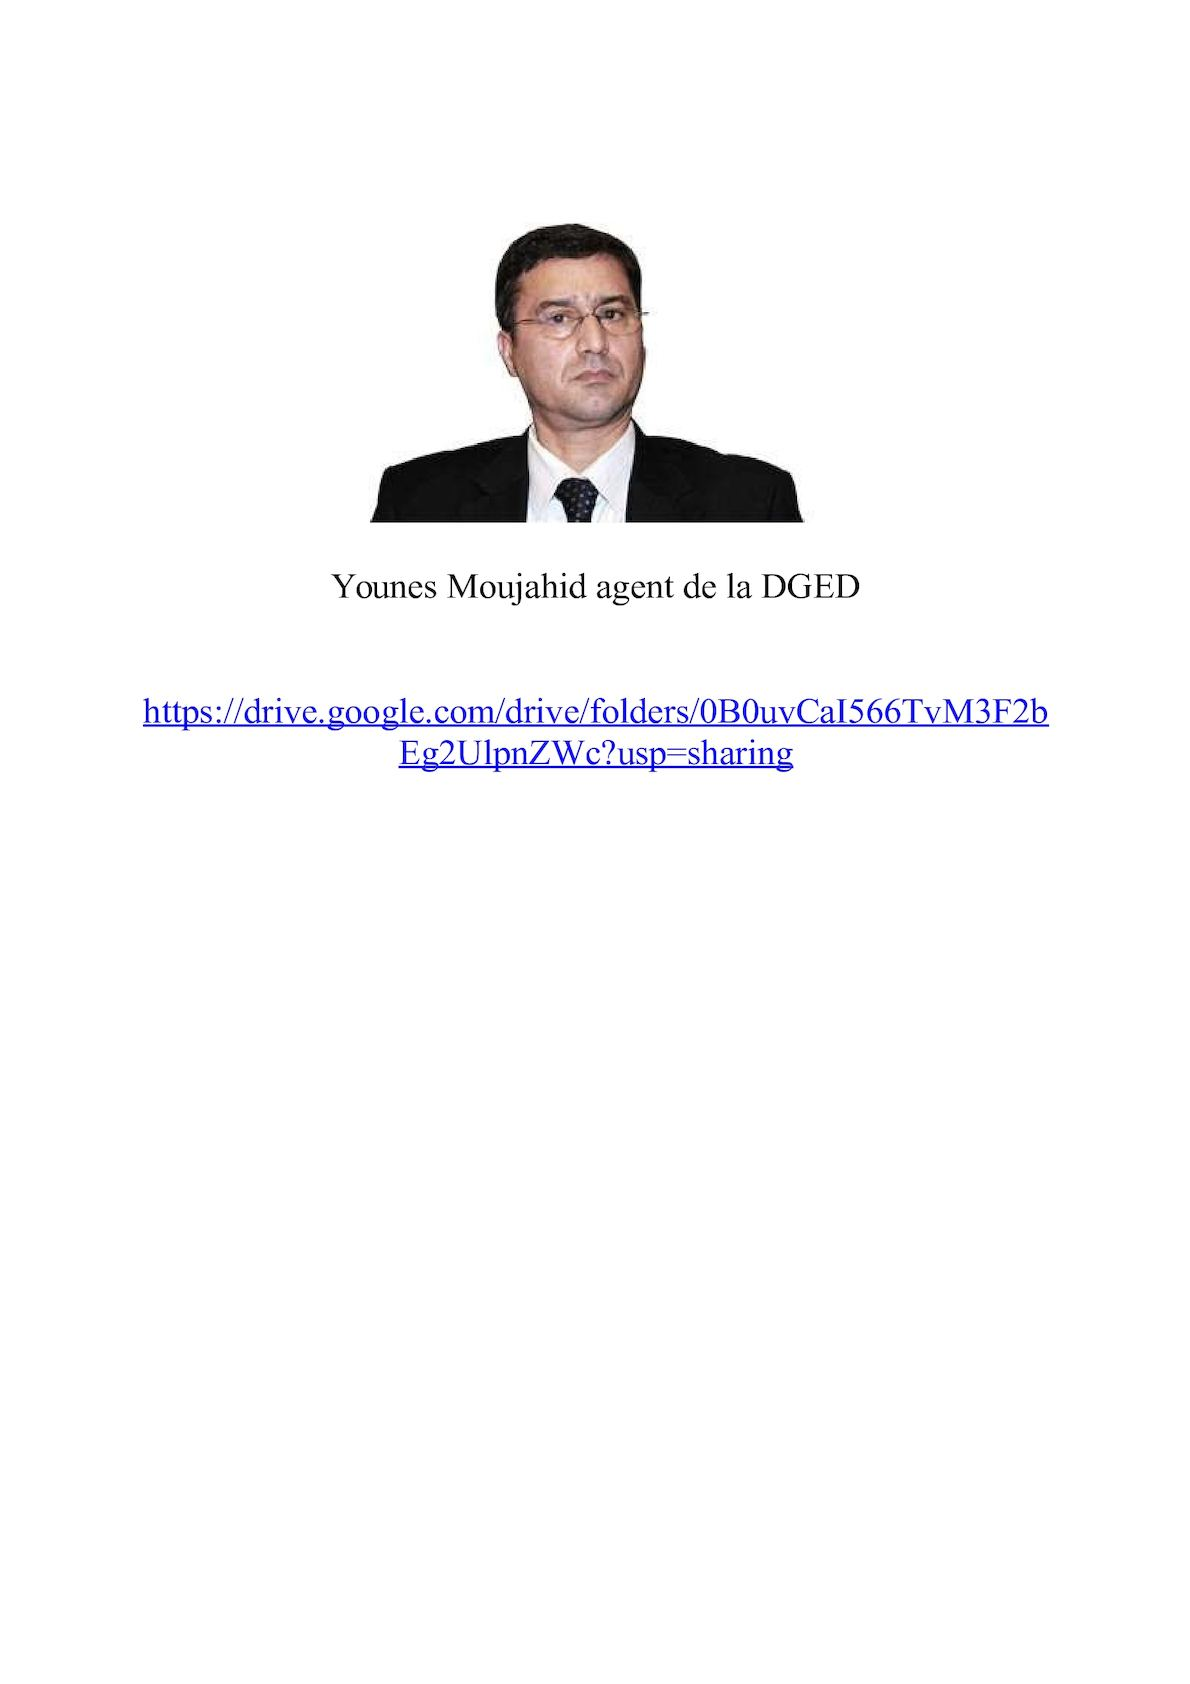 Younes Moujahid Agent De La Dged